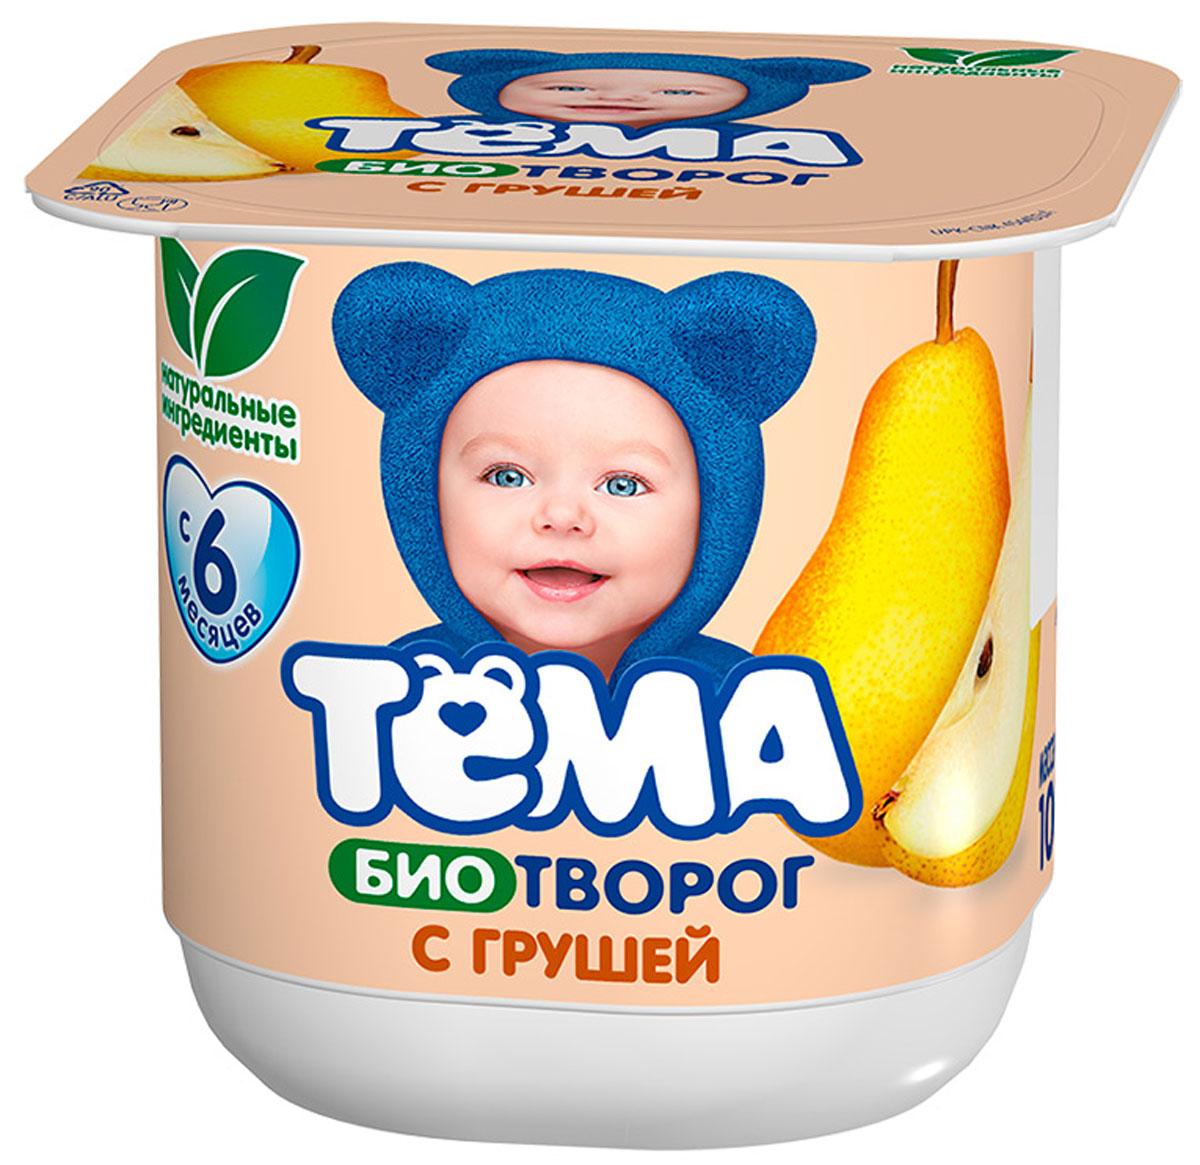 Тема Биотворог Груша 4,2%, 100 г68945Биотворог детский Тёма, обогащенный бифидобактериями для детского питания.